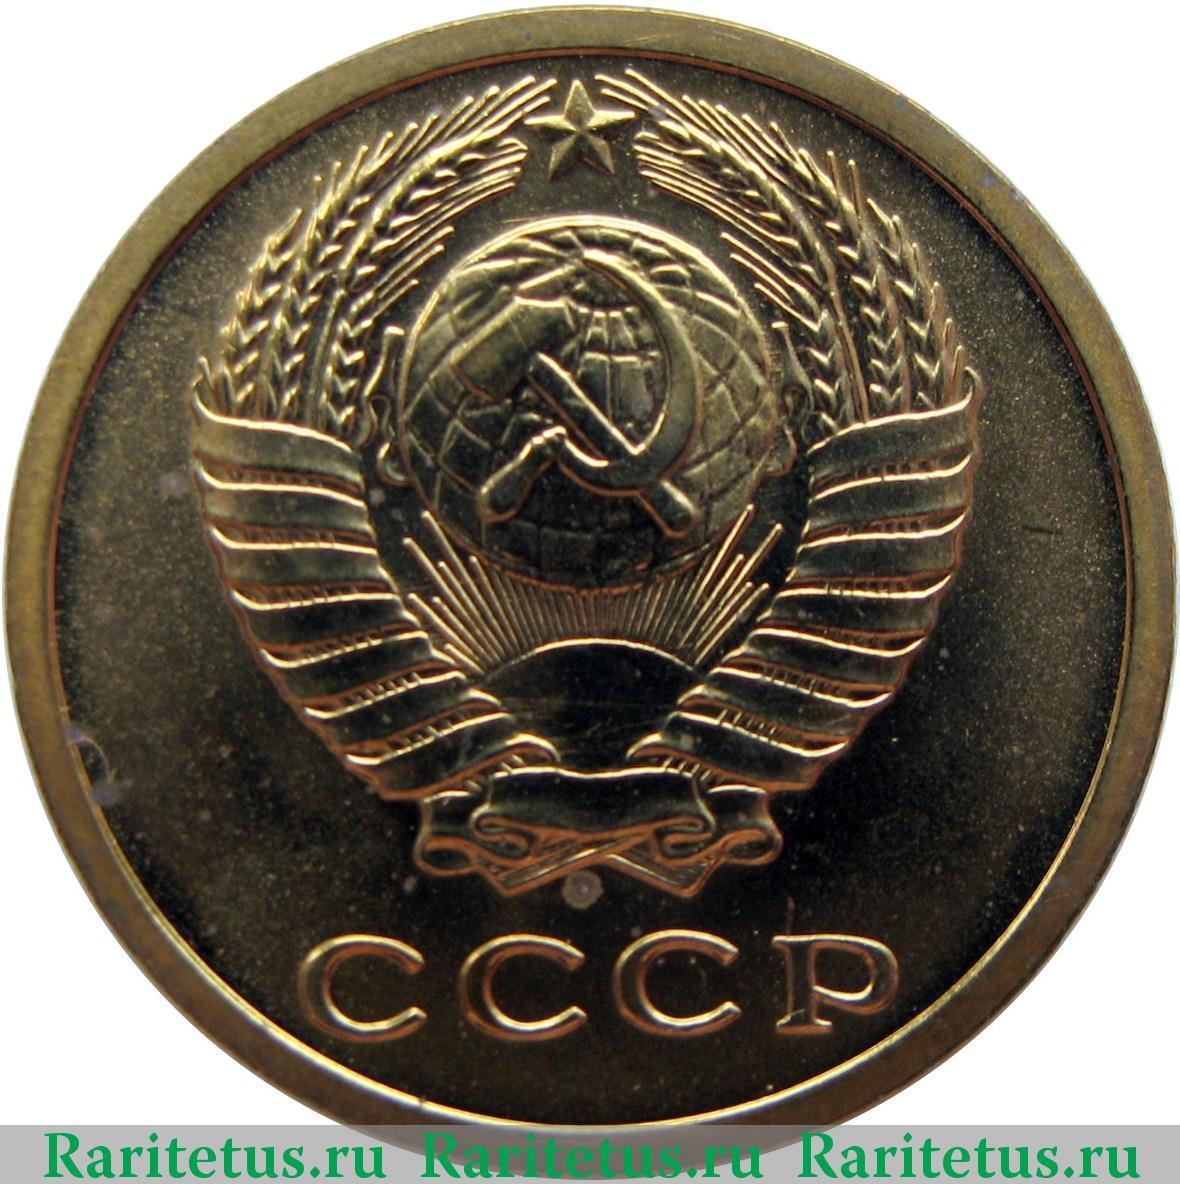 2 копейки 1974 года цена ссср 1 серебро